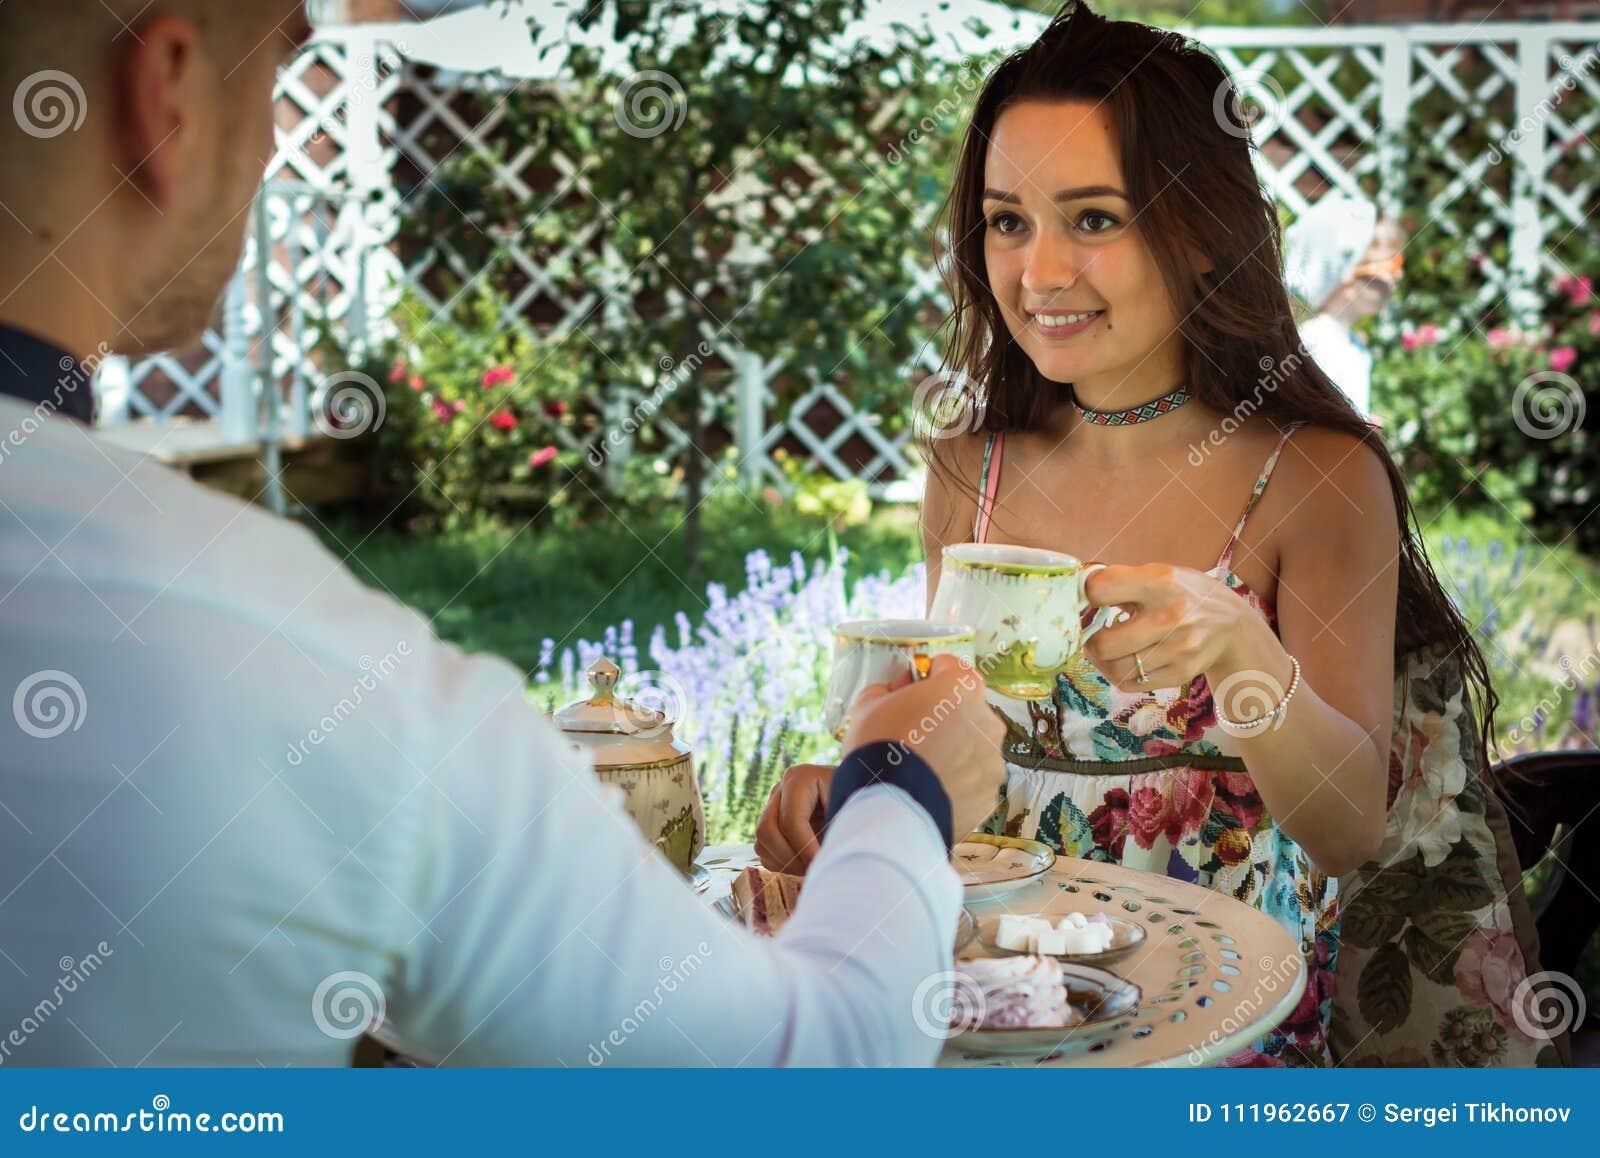 La giovane donna romantica si siede insieme al ragazzo alla tavola